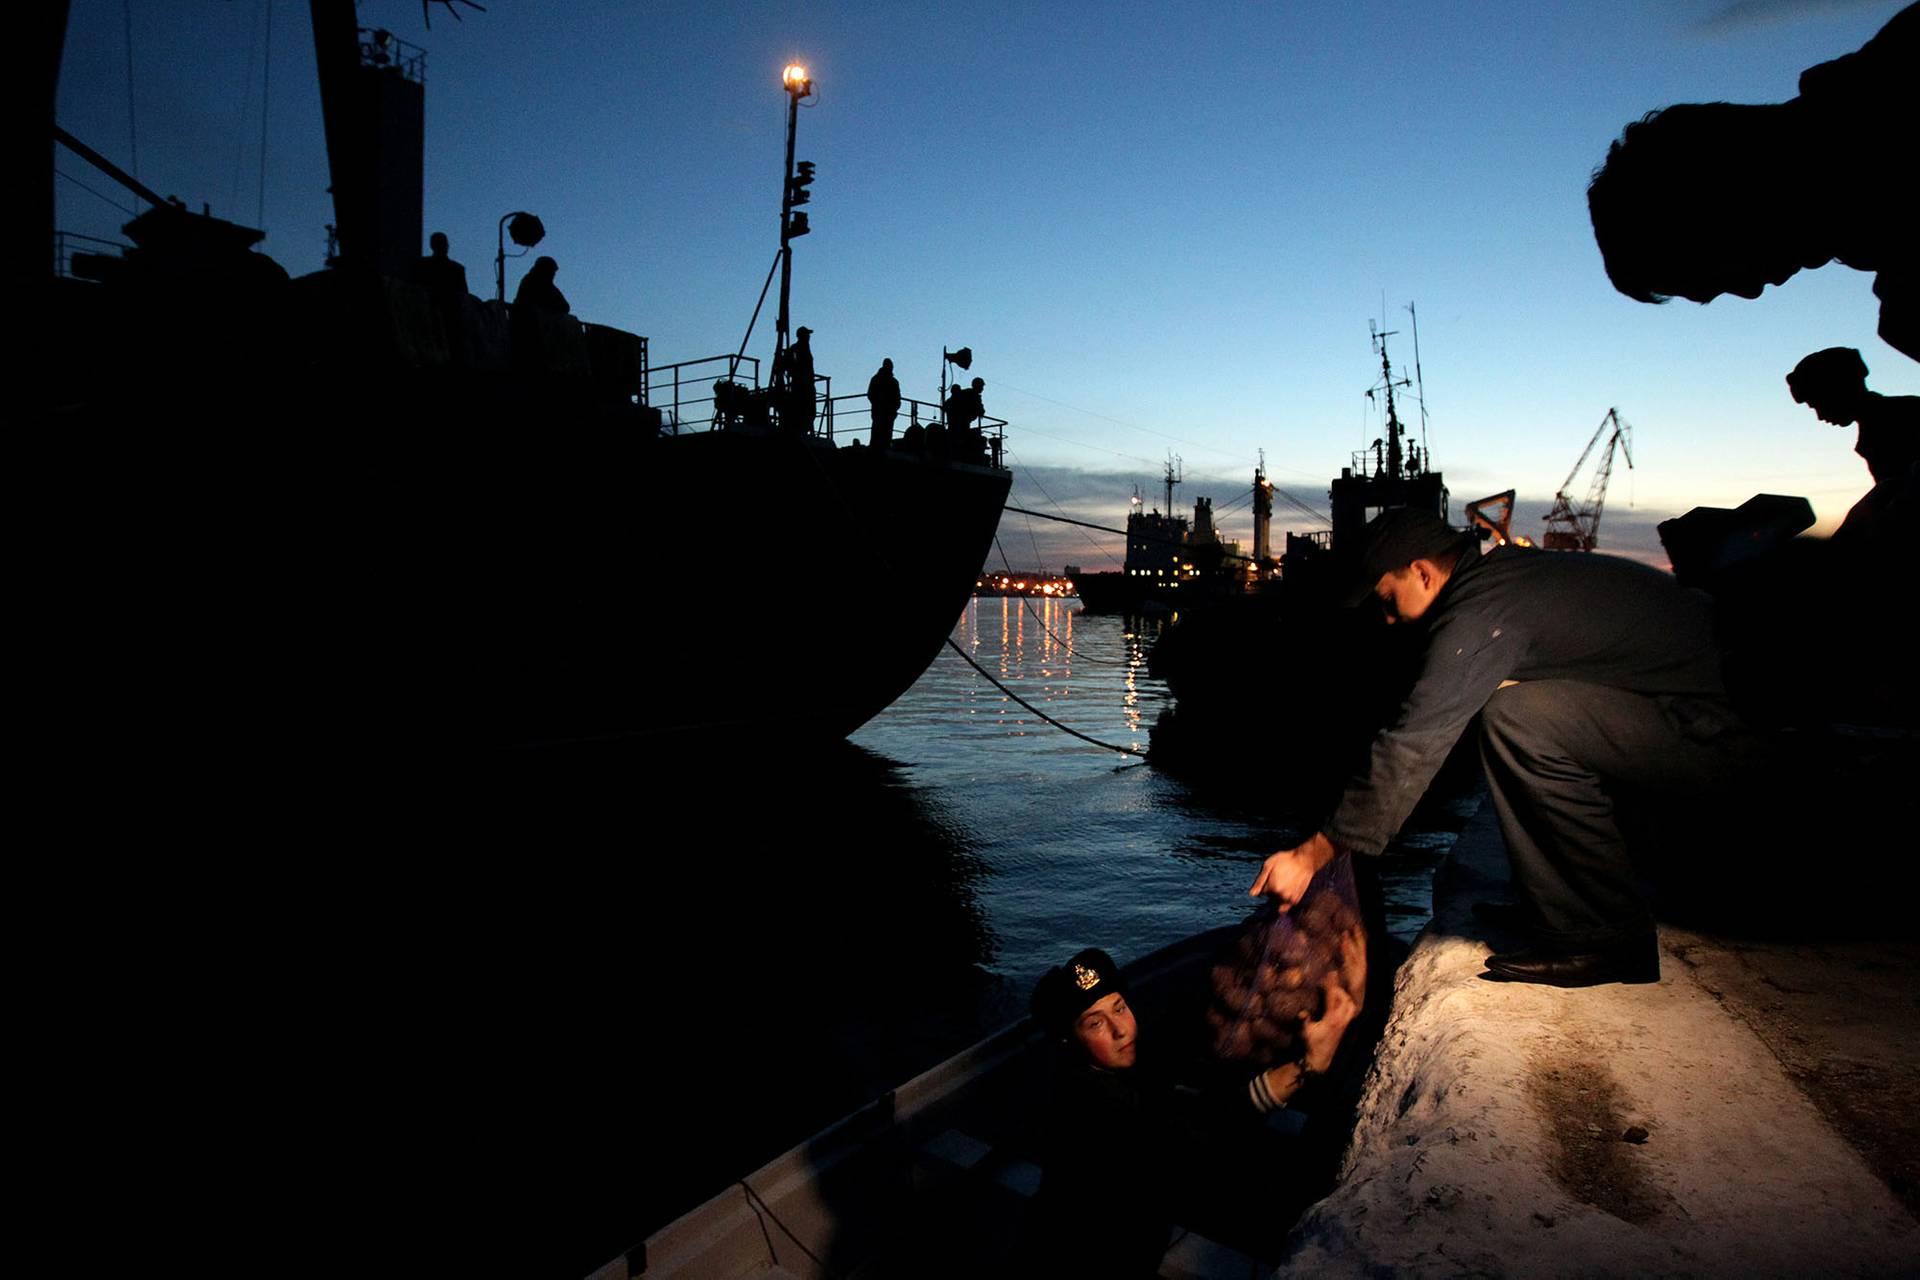 Моряки передають їжу командам корвету «Тернопіль» та корабля управління «Славутич» у гавані Севастополя, Крим, 5 березня 2014 року